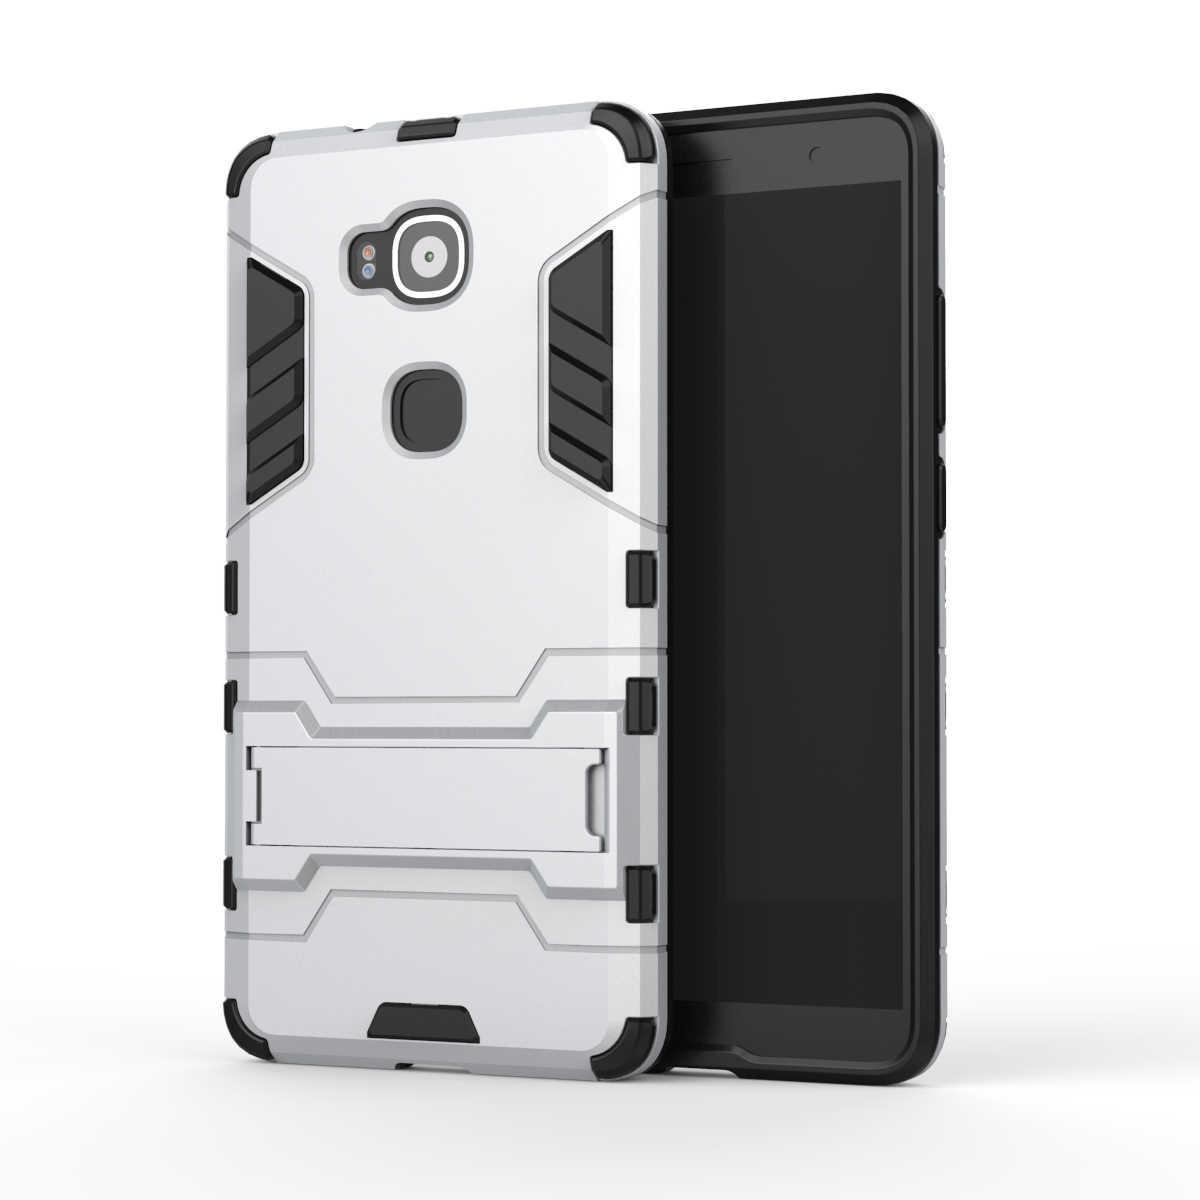 Per Huawei Caso di G8 GX8 Armatura Heavy Duty Hybrid Hard Morbido Robusta Gomma di Silicone Della Copertura Del Telefono Per Ascend G8 G7 più con il Basamento (<